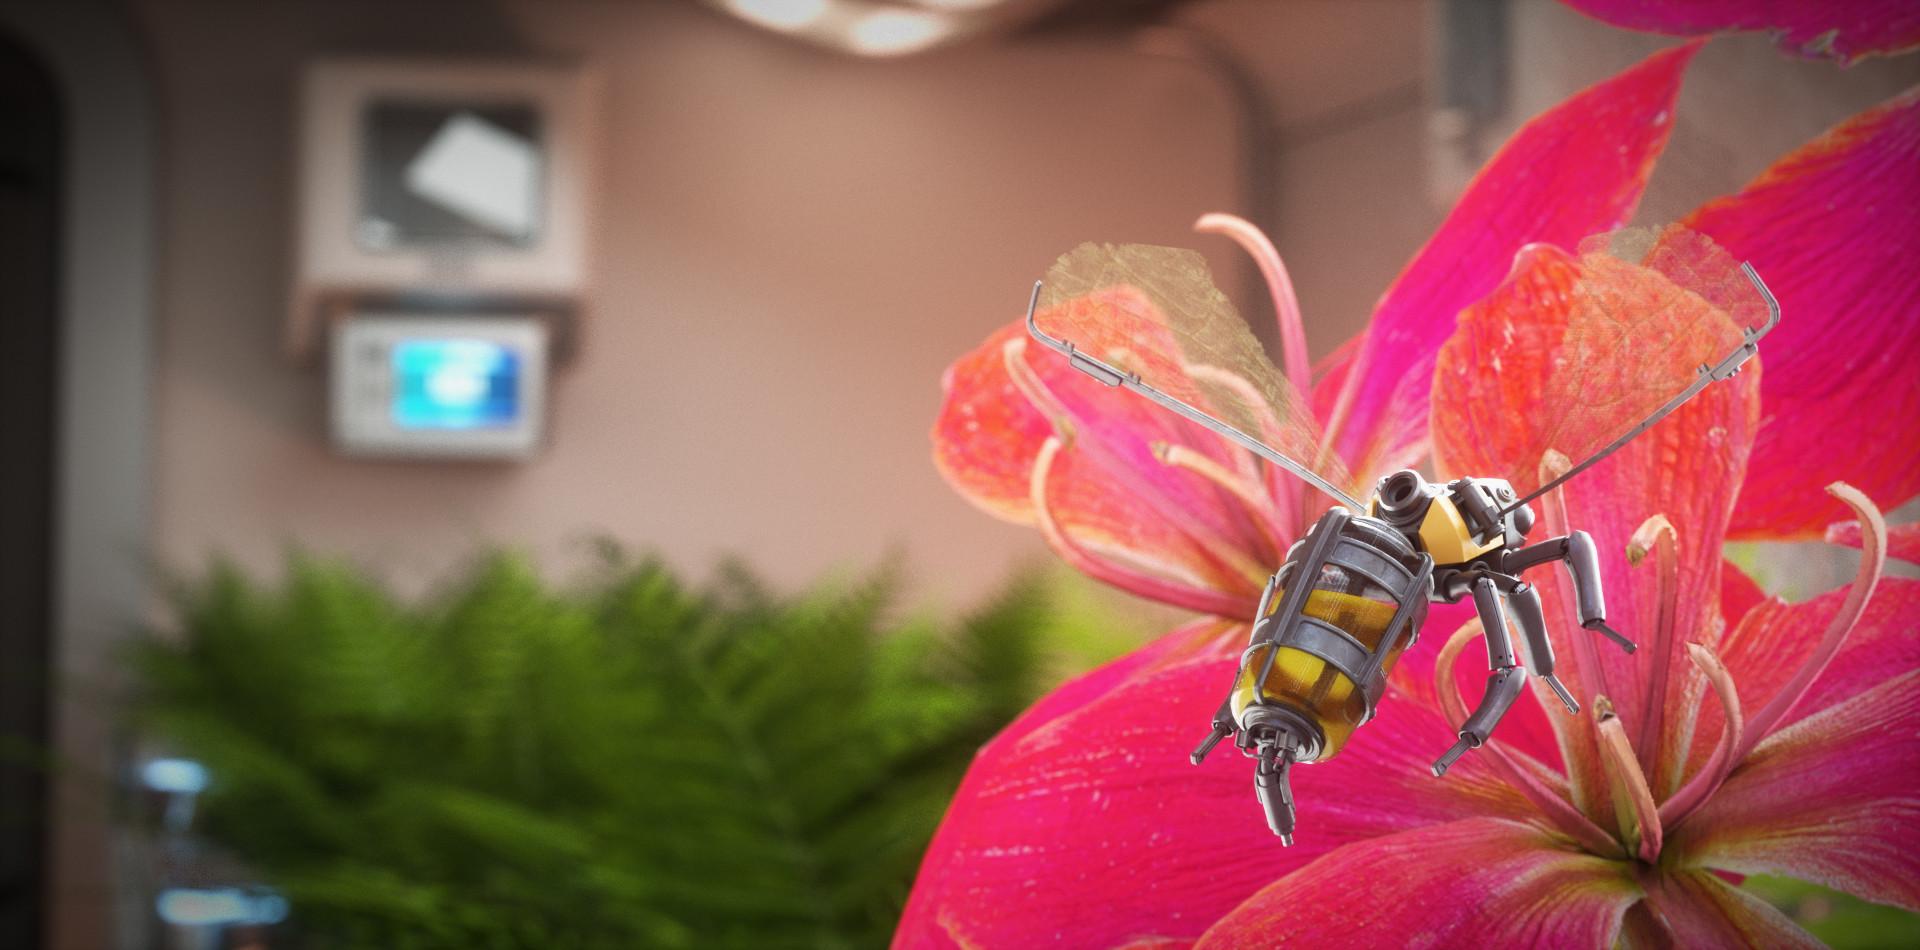 Mathew o bee 1